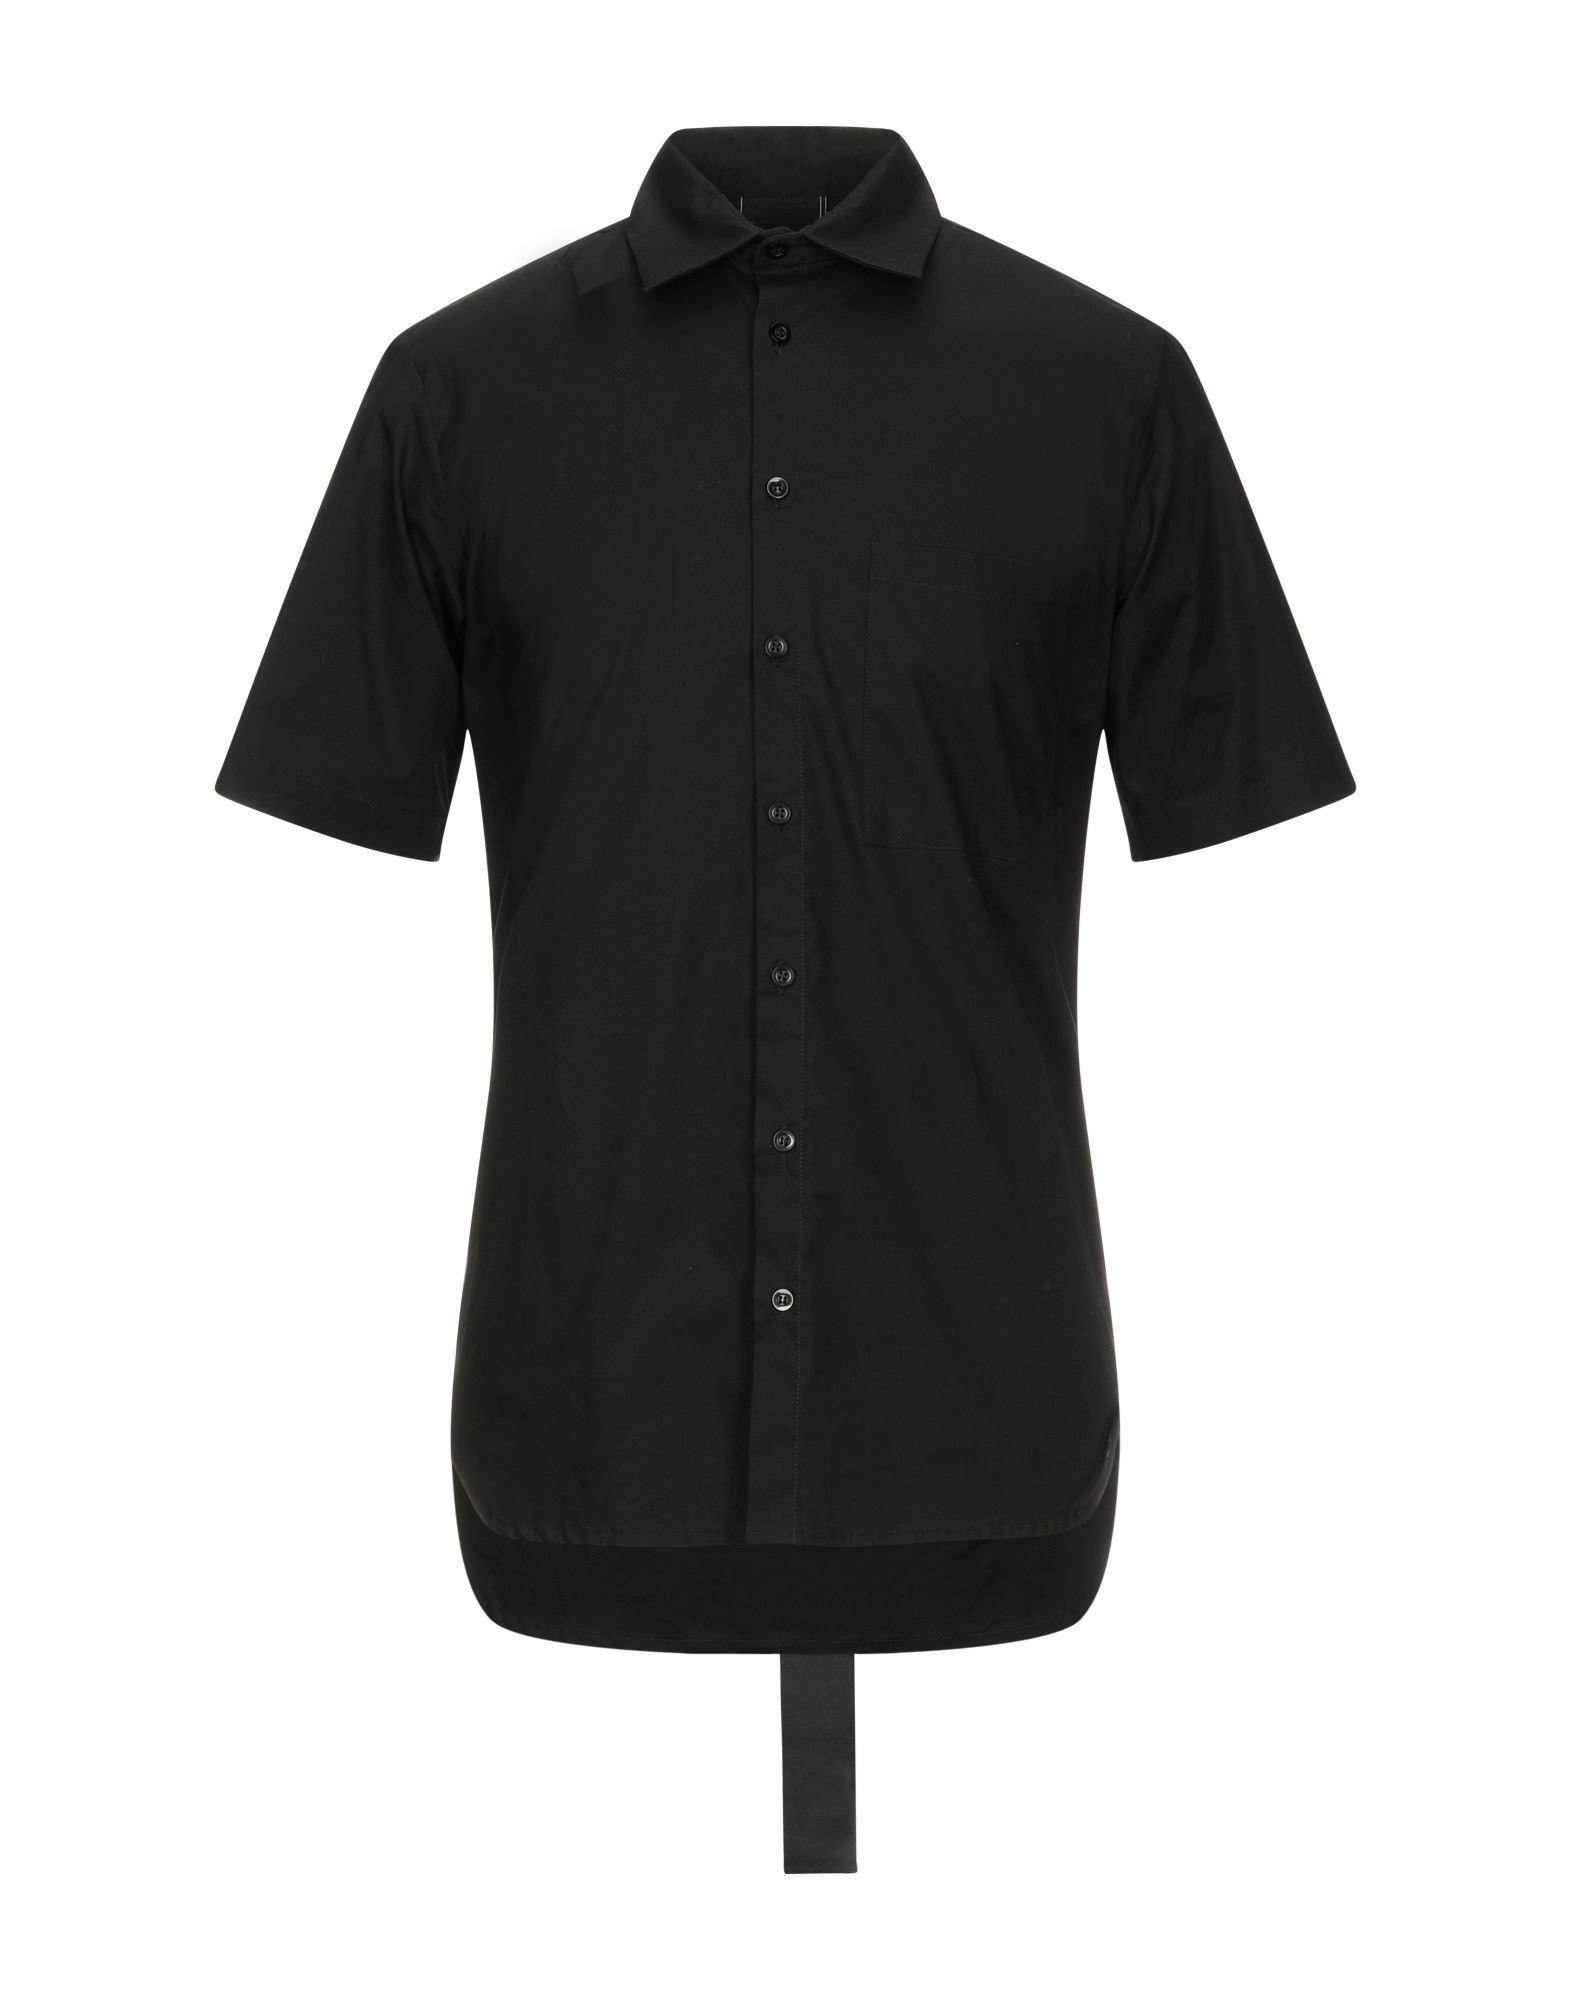 DARK LABEL Pубашка dark label футболка